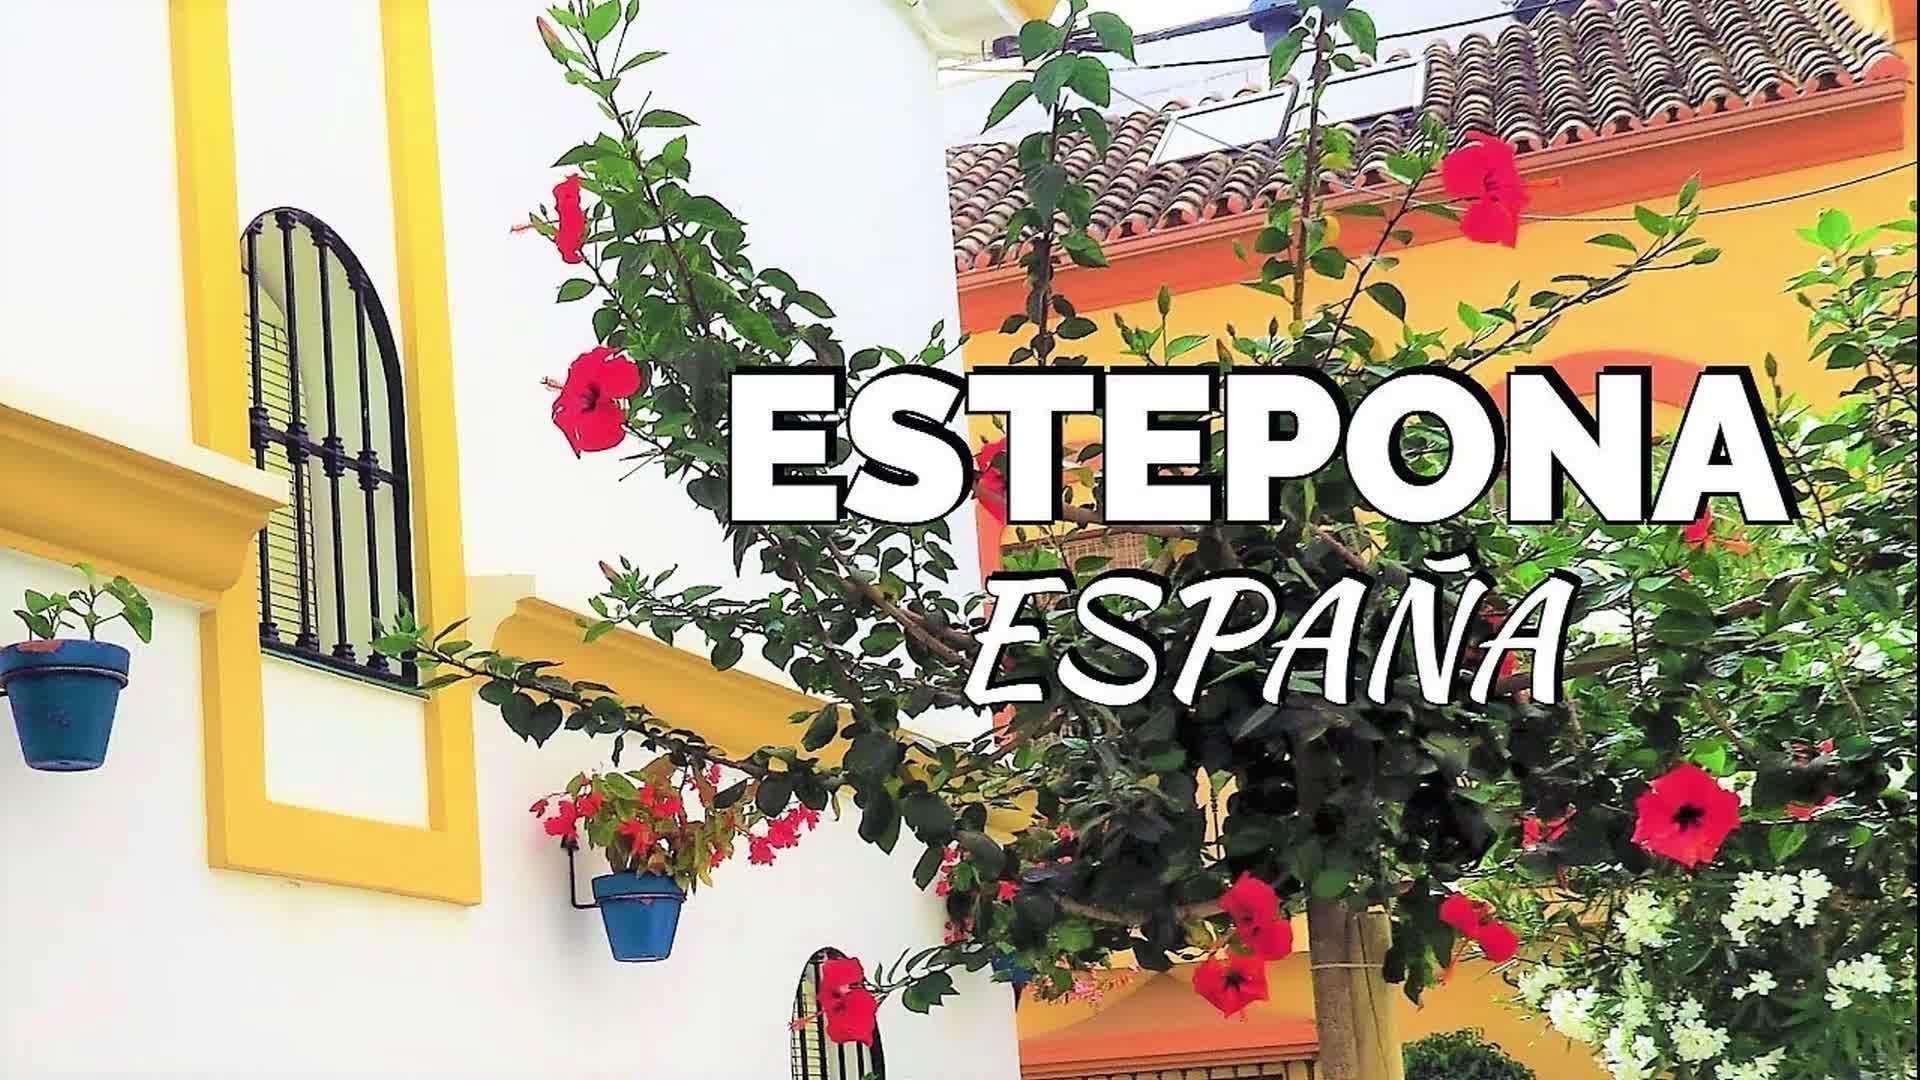 Estepona